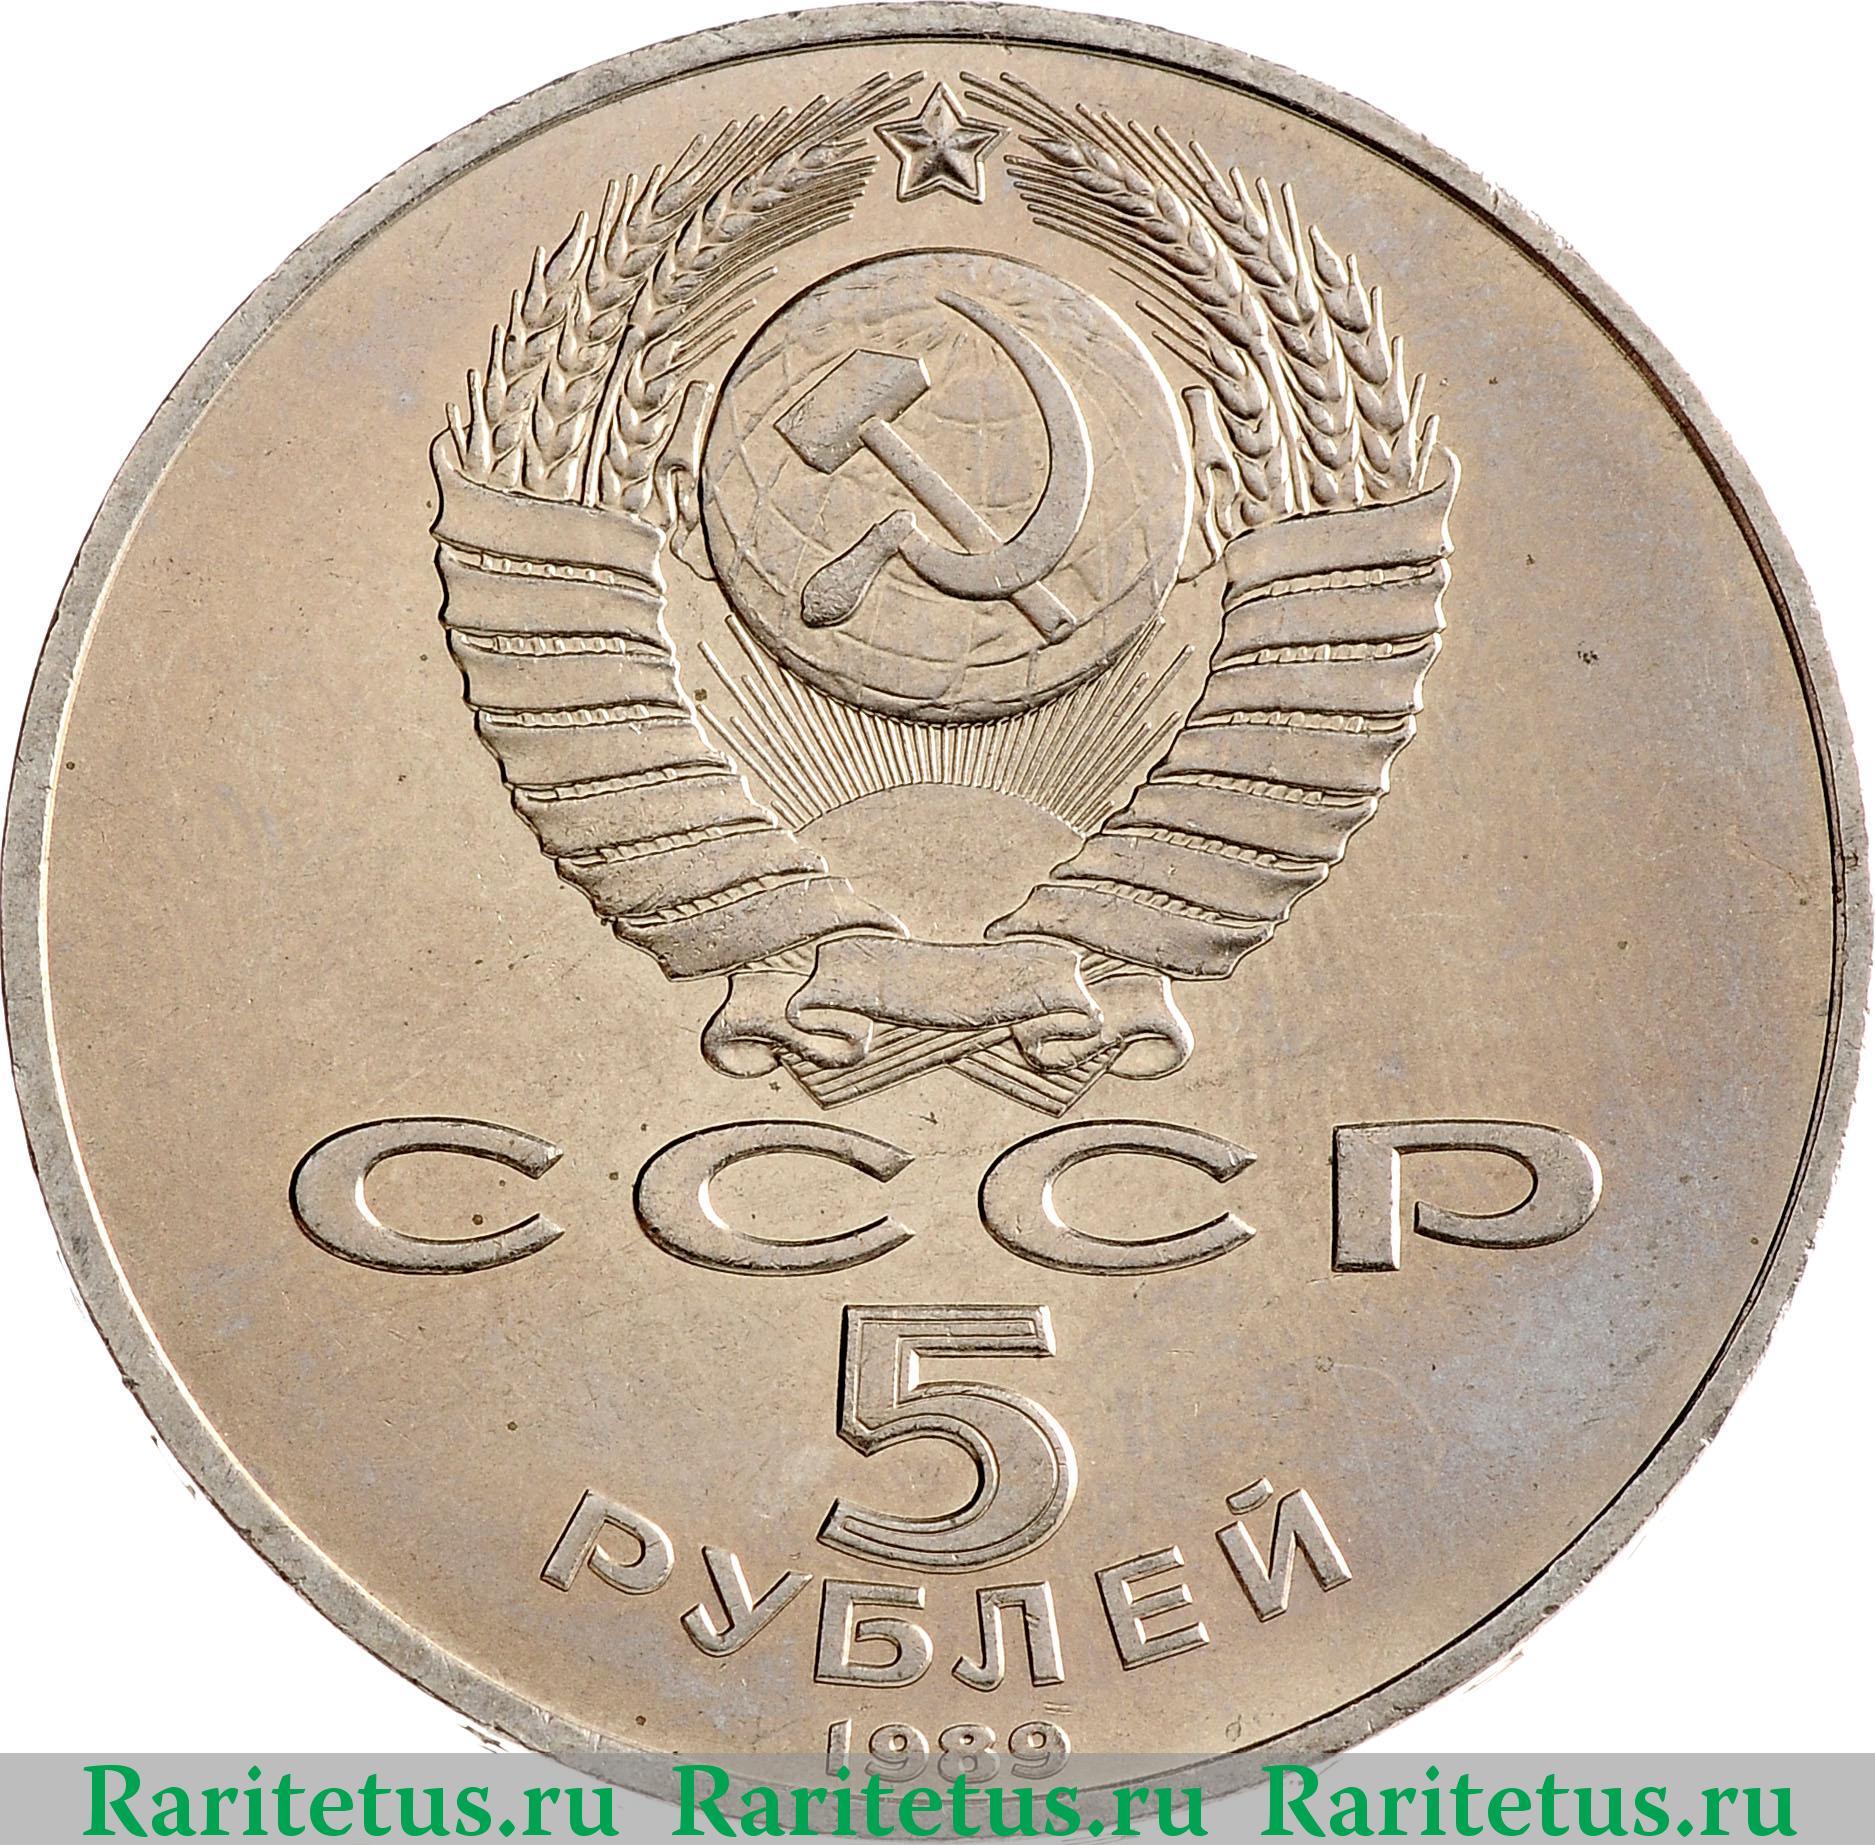 5 рублей советские цена монета 10000 рублей россии 2010 года ярославль